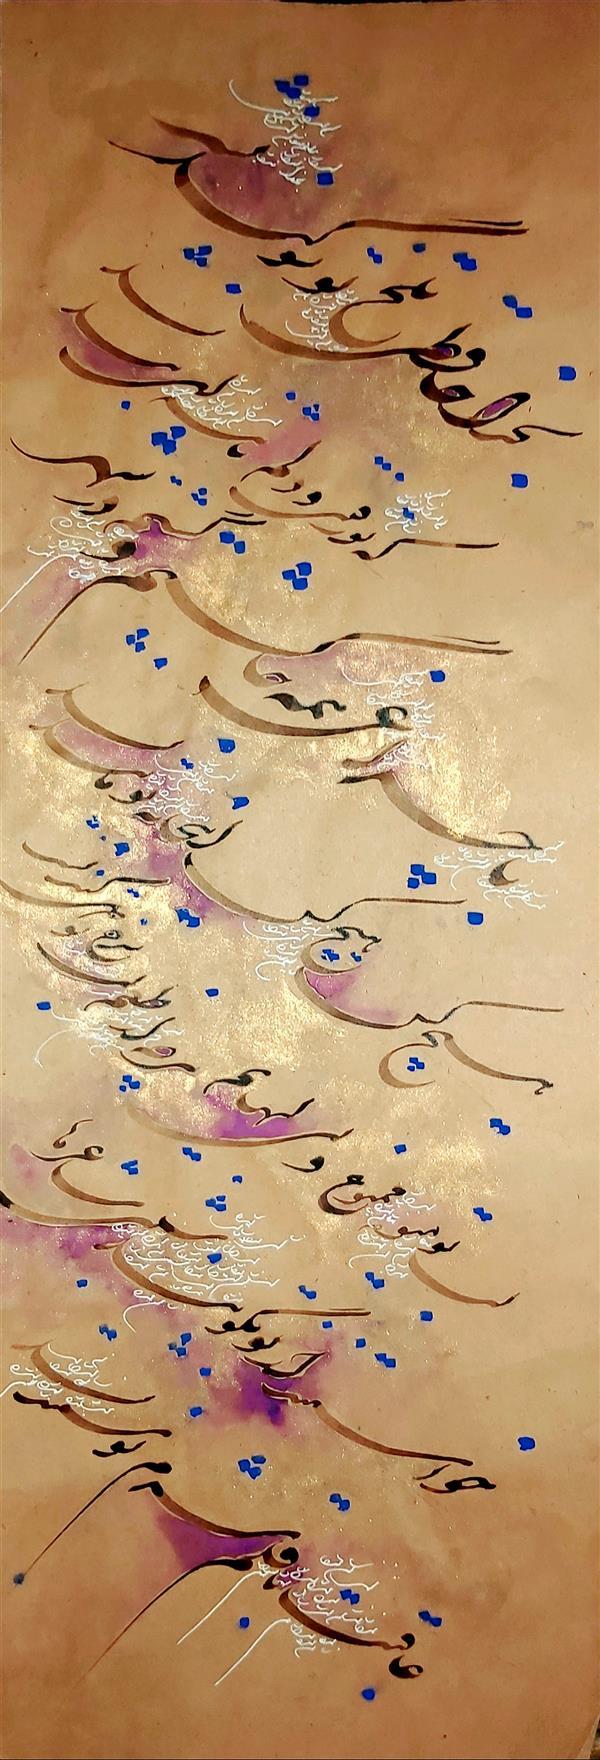 هنر خوشنویسی محفل خوشنویسی مرجان میرخاتمی بخداحافظی تلخ تو سوگند نشد .... #خوشنویسی #نقاشیخط #آبرنگ #مرجان_میرخاتمی